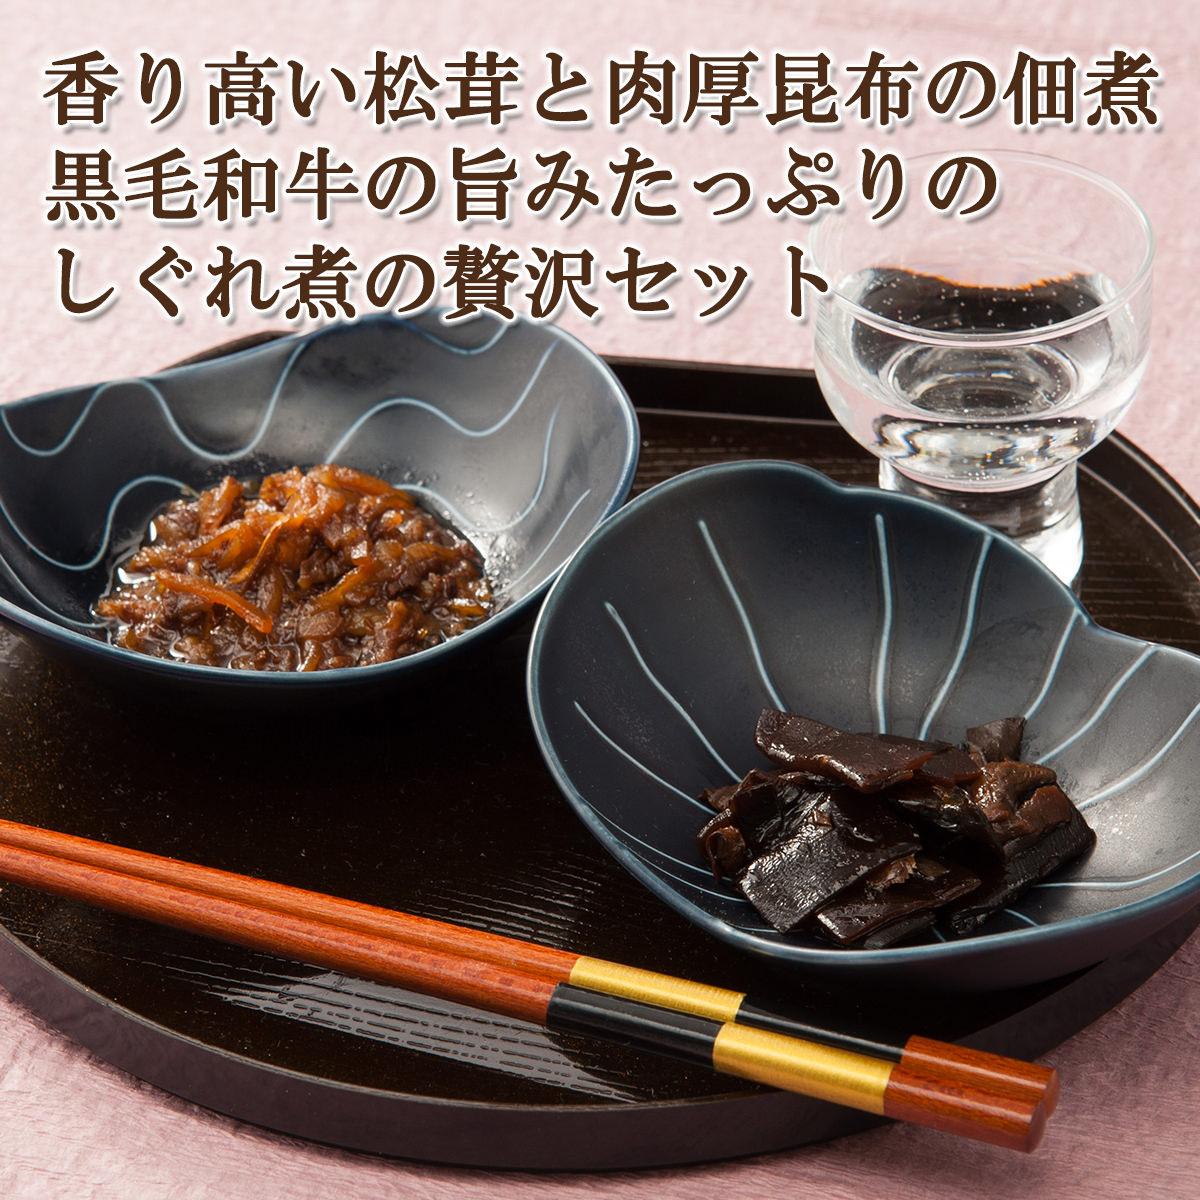 ふるさとの味は 贅沢な まごころの味。〈 神戸牛肉しぐれ煮・松茸昆布 〉詰合せ | 甲北食品工業株式会社・兵庫県